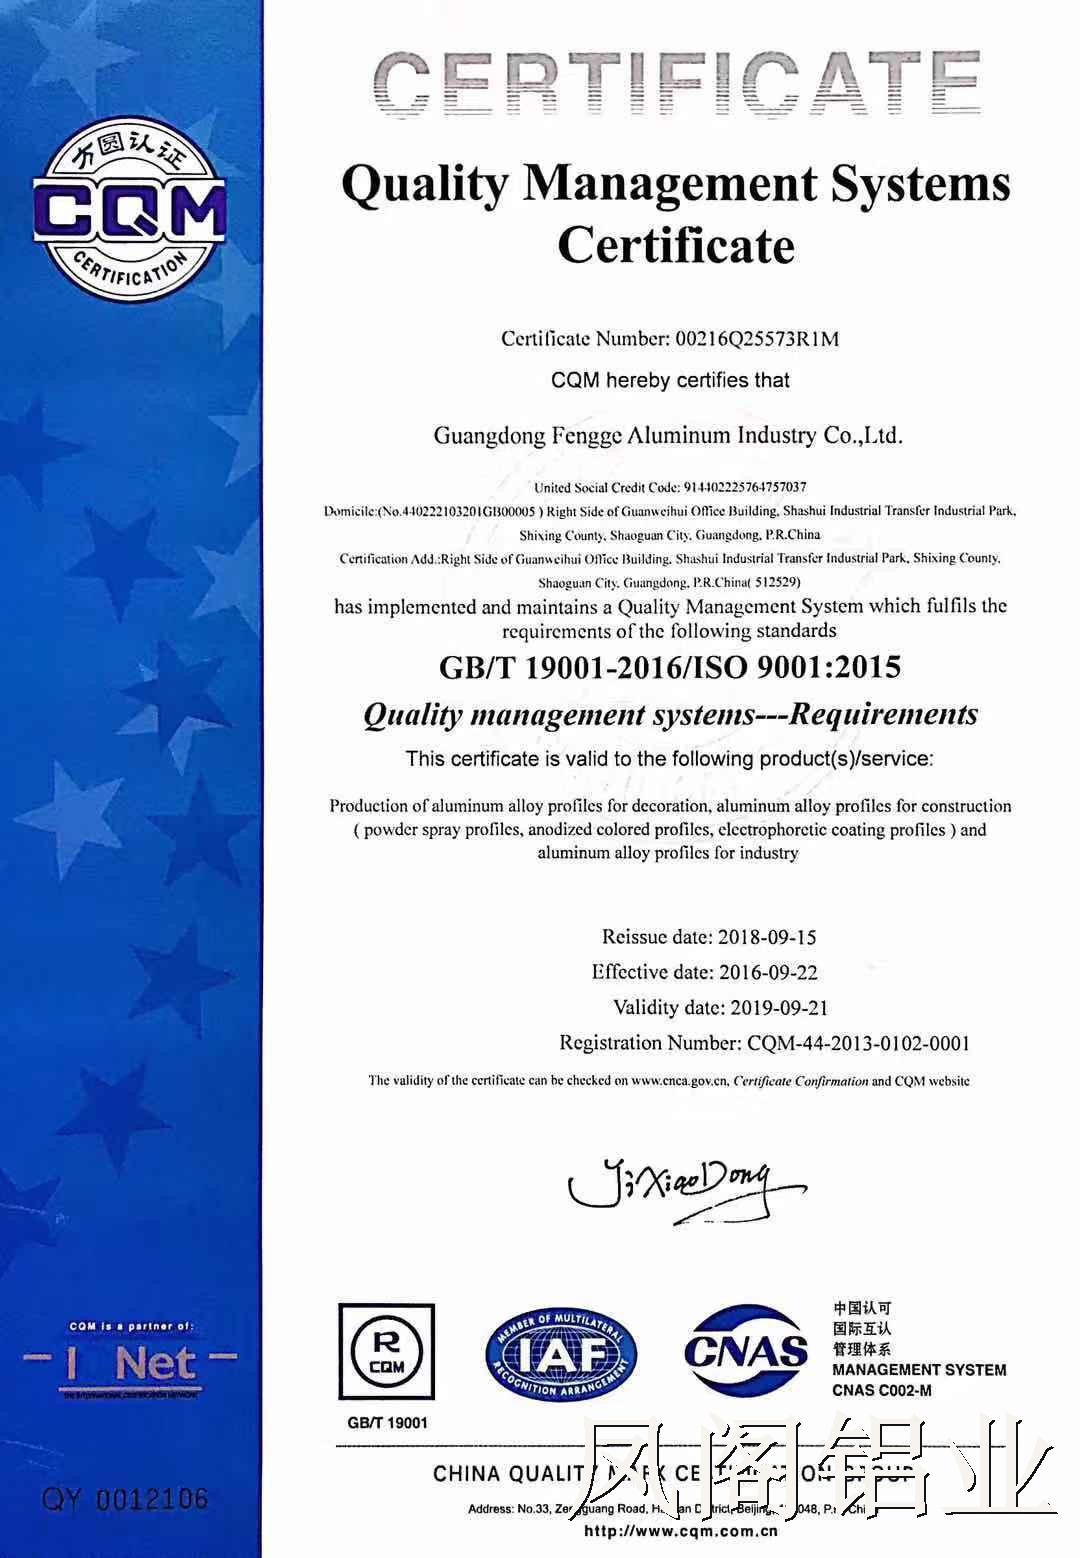 质量管理体系ISO 9001证书 英文